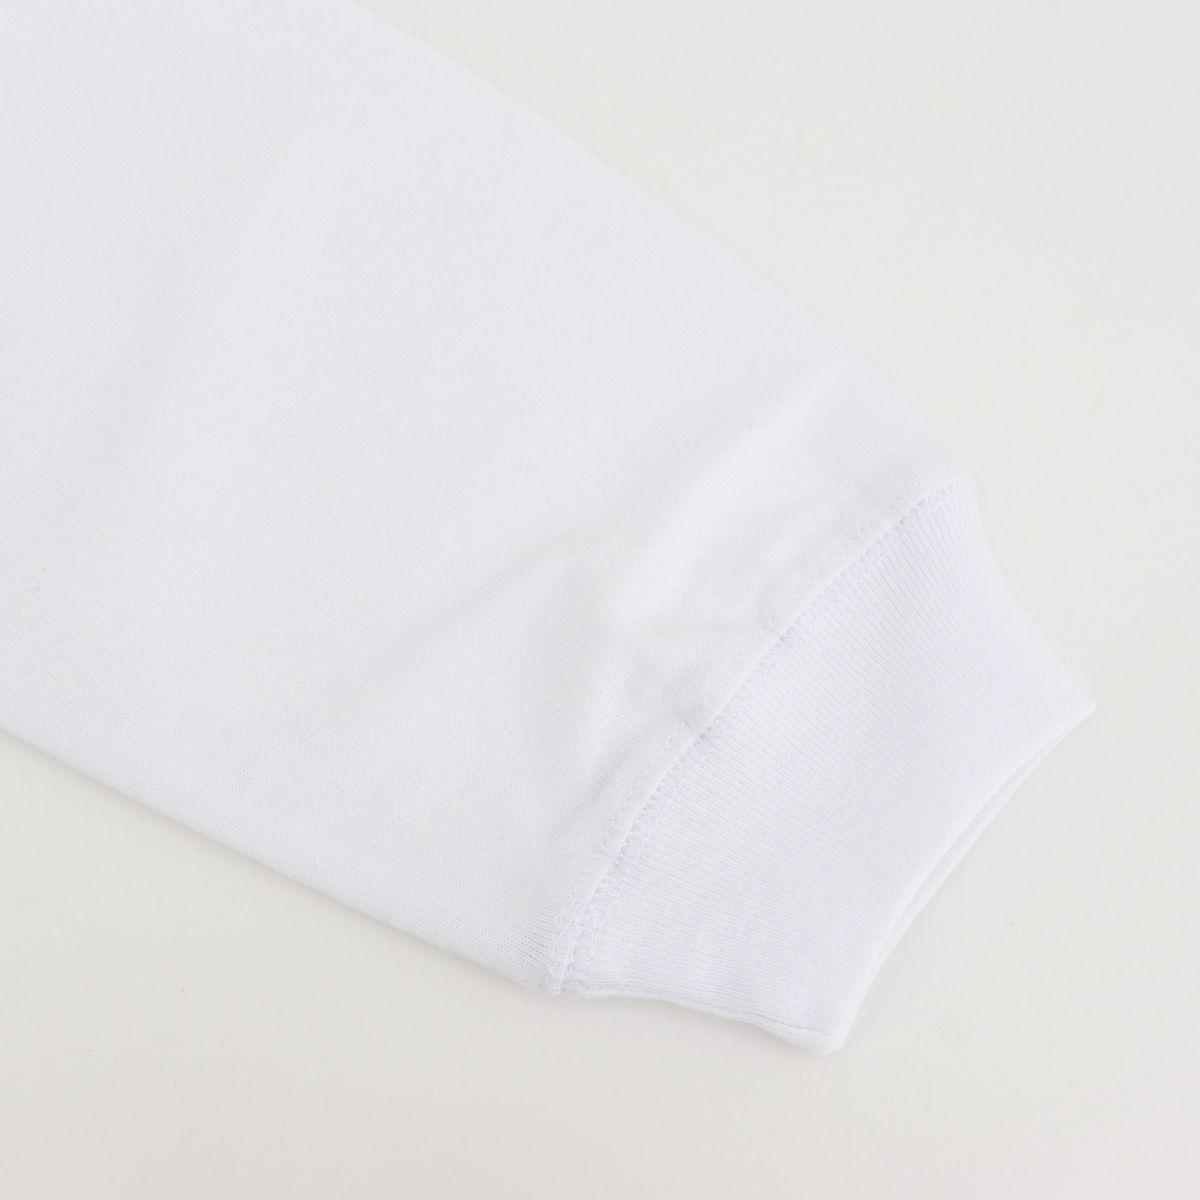 USAコットン クルーネック 長袖 Tシャツ WHITE(ホワイト)